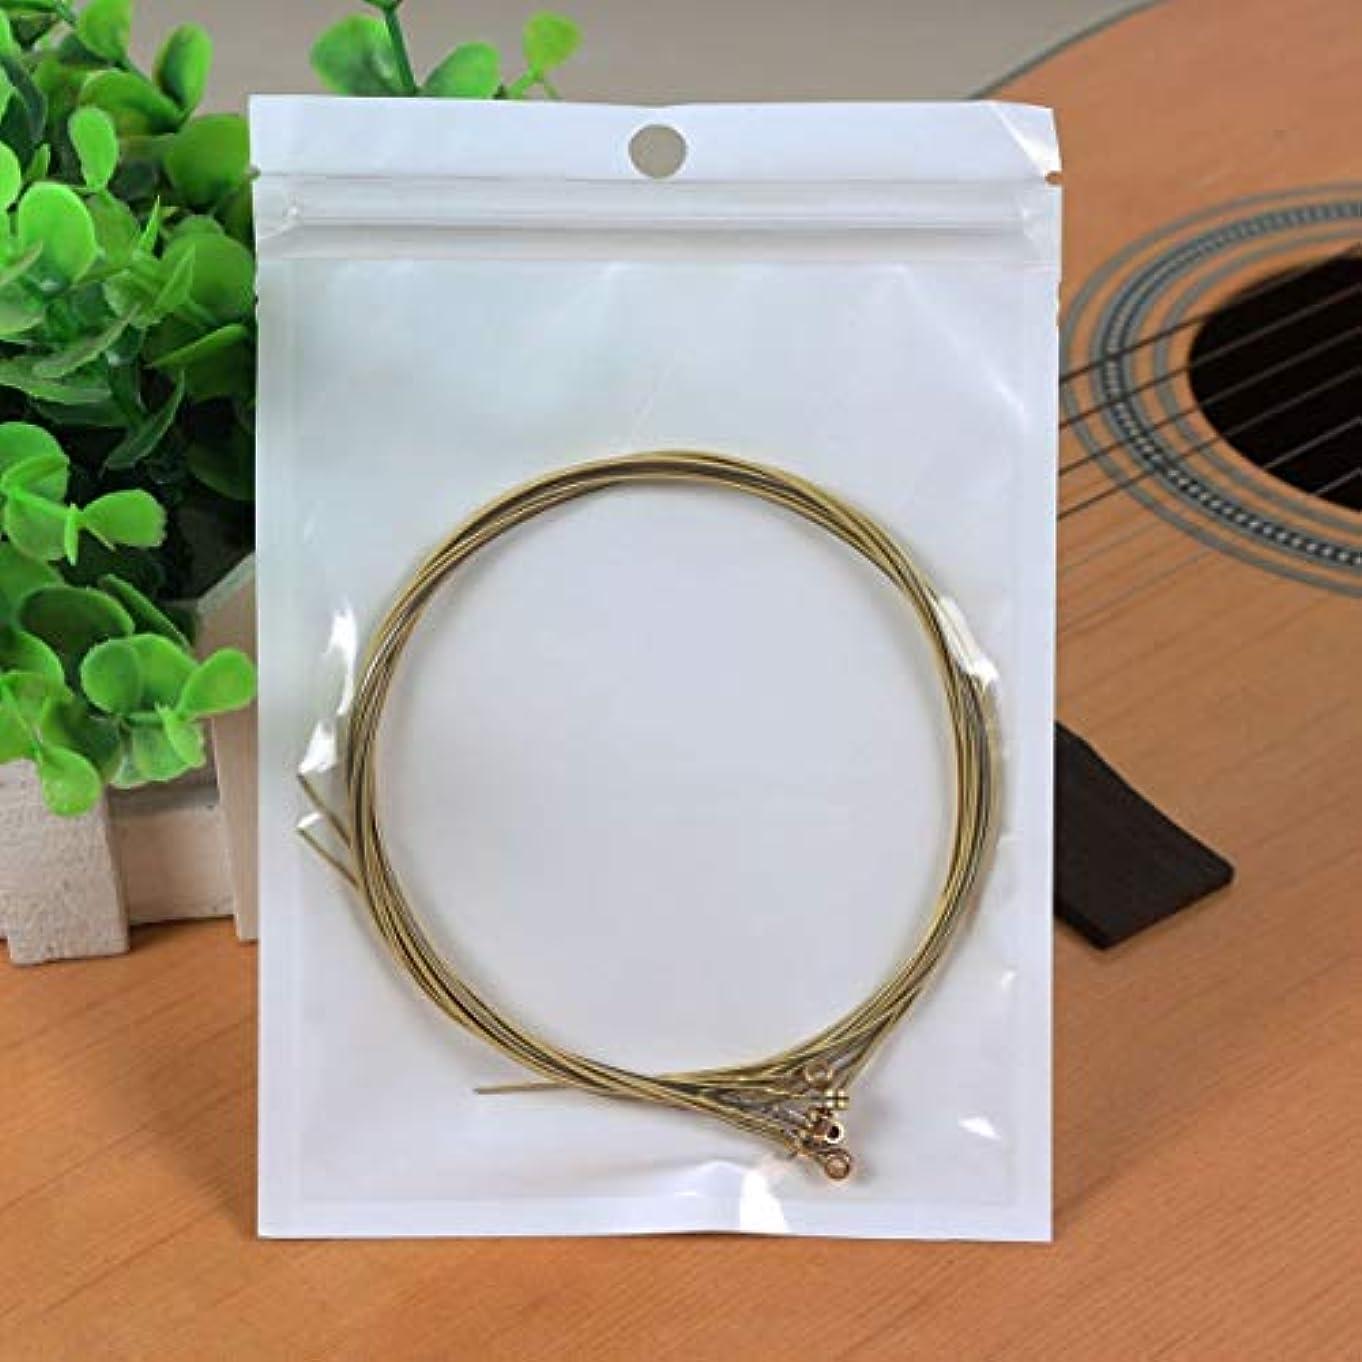 耐久性のあるニッケルメッキスチールギター弦アコースティックフォークギター用のカラフルなギター弦クラシックギター-ホワイト